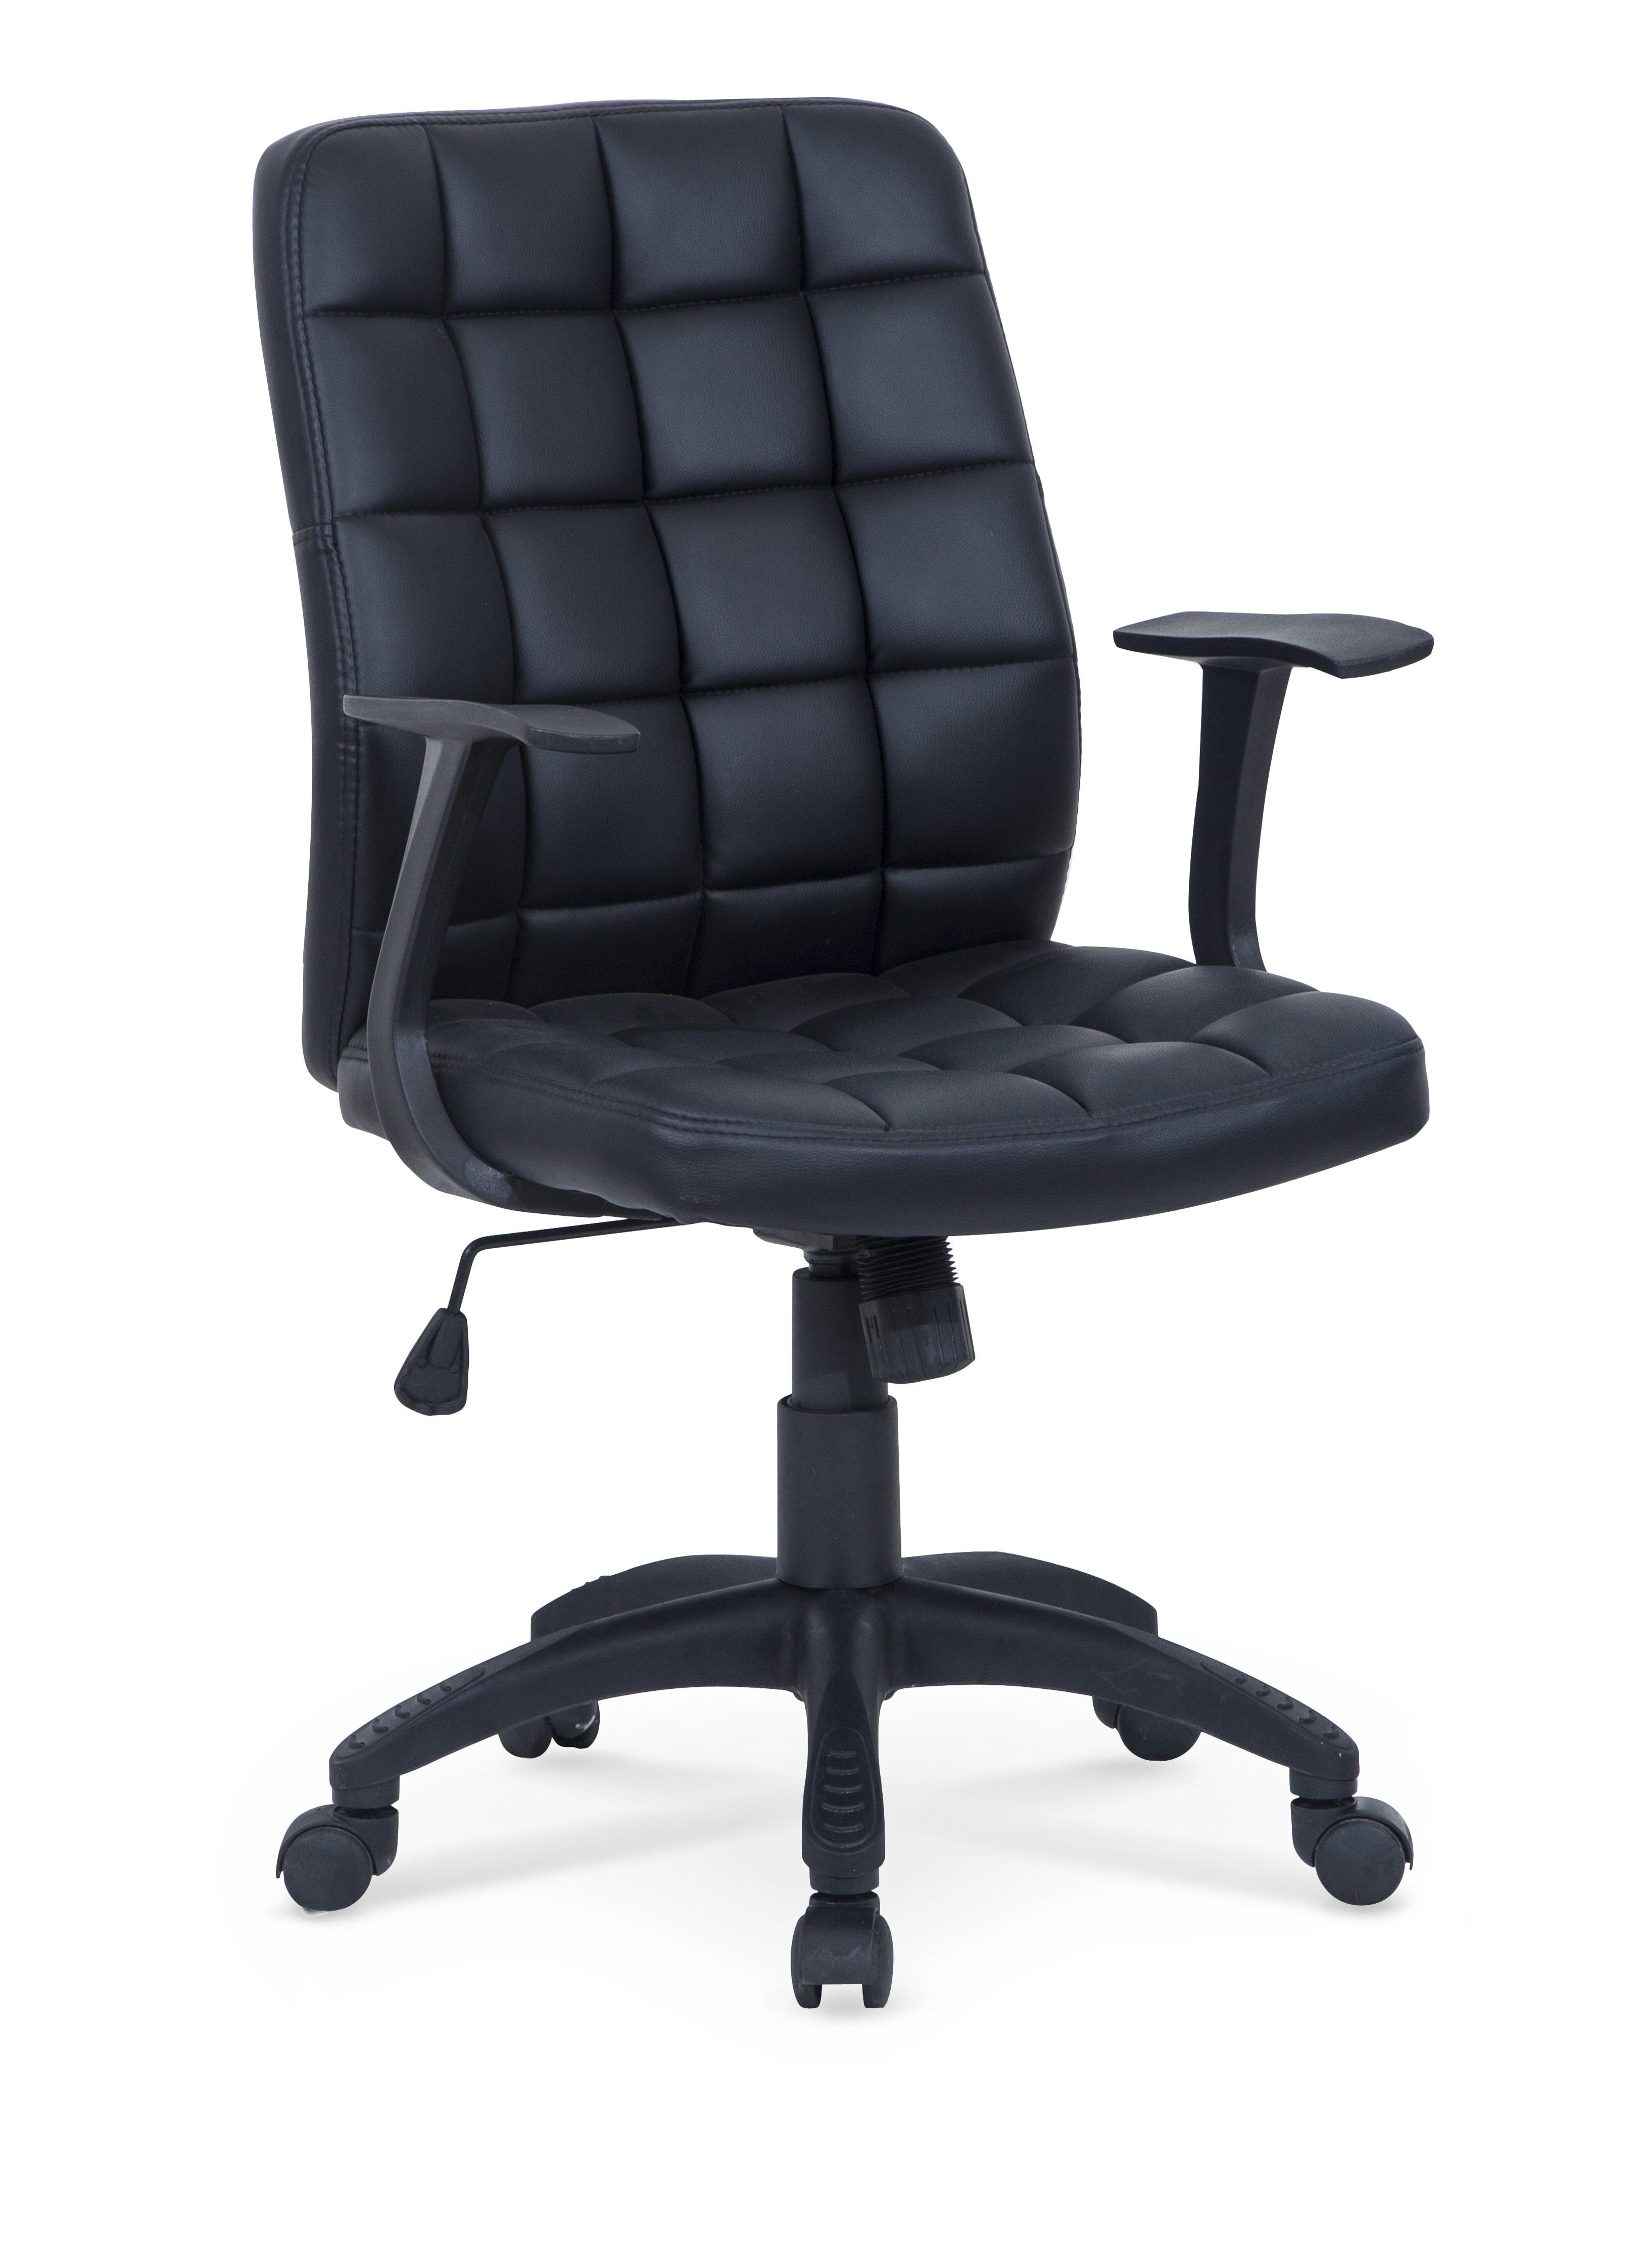 Scaun de birou ergonomic Fargo Black